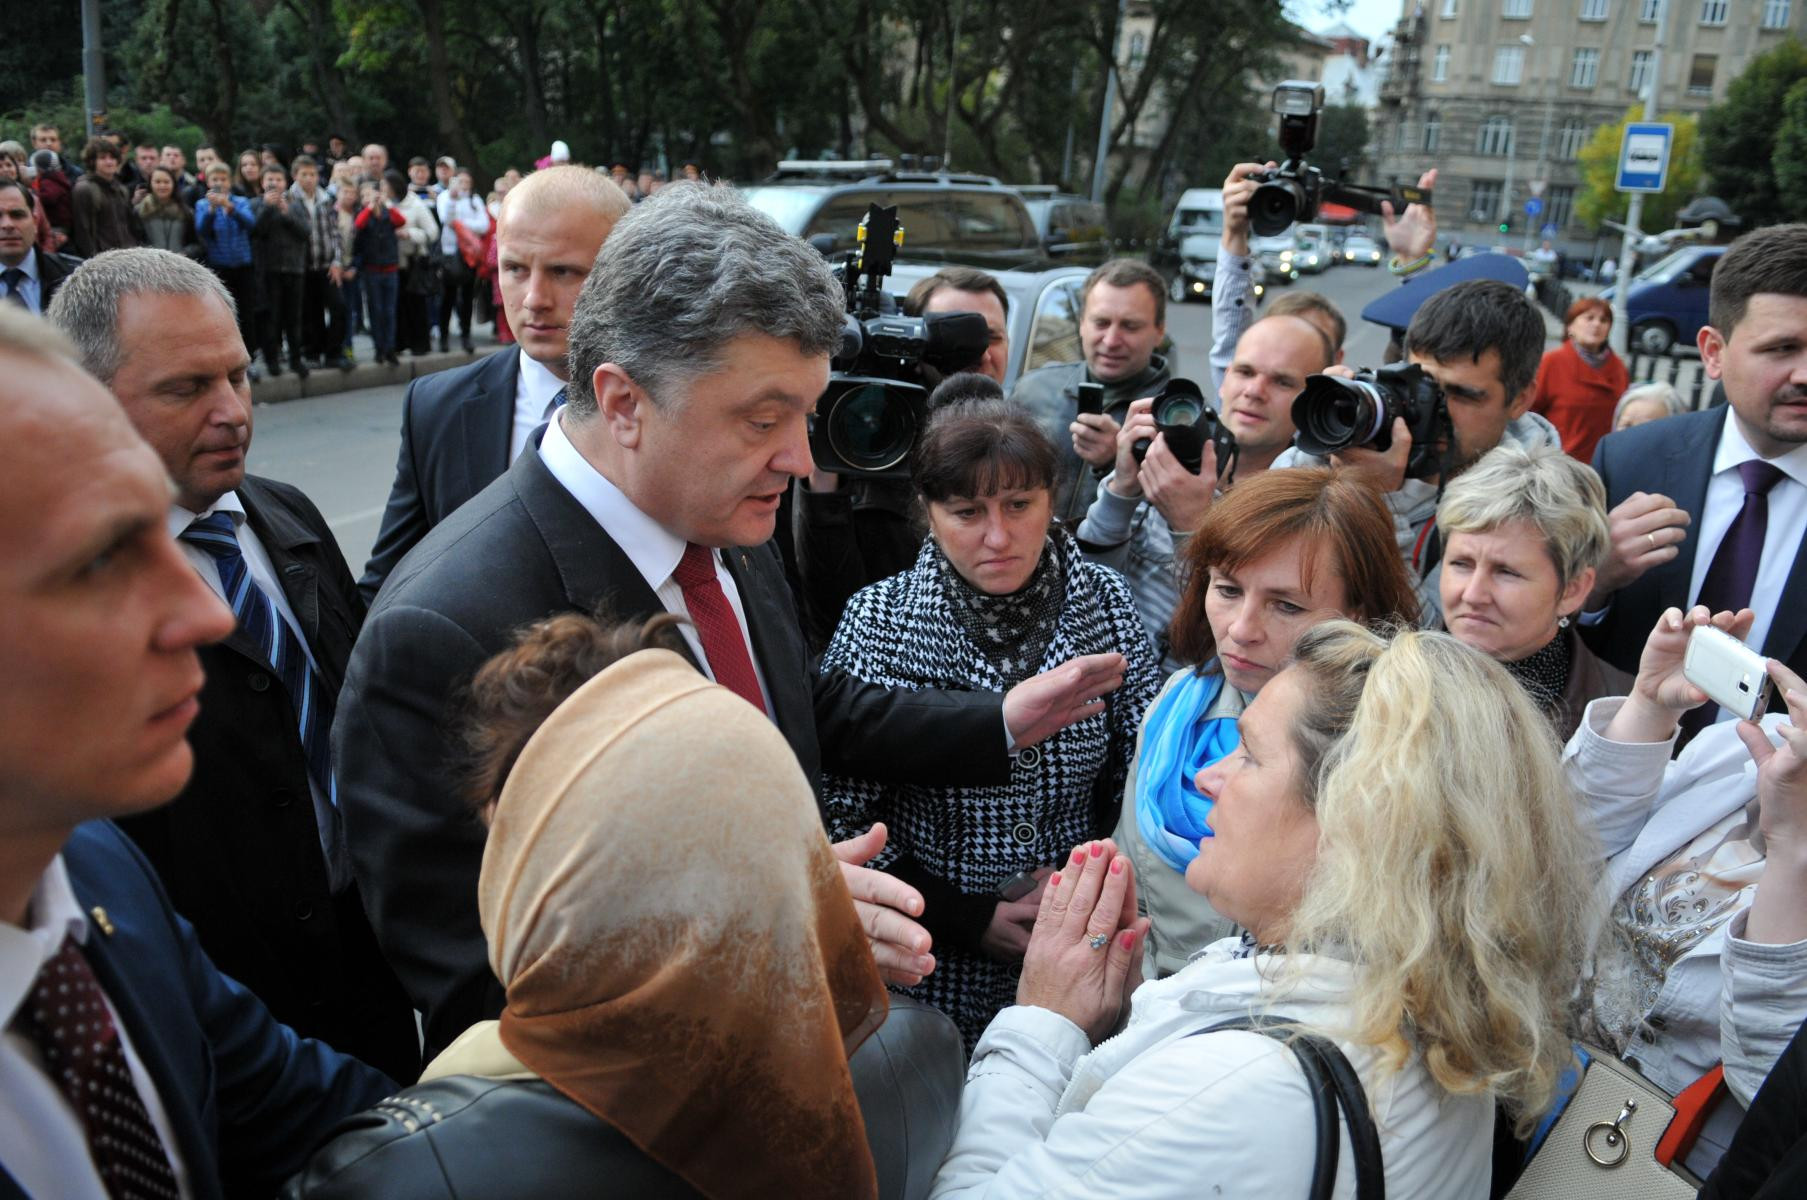 Традиционно украинцы считают, что президент отвечает за все, что происходит со страной